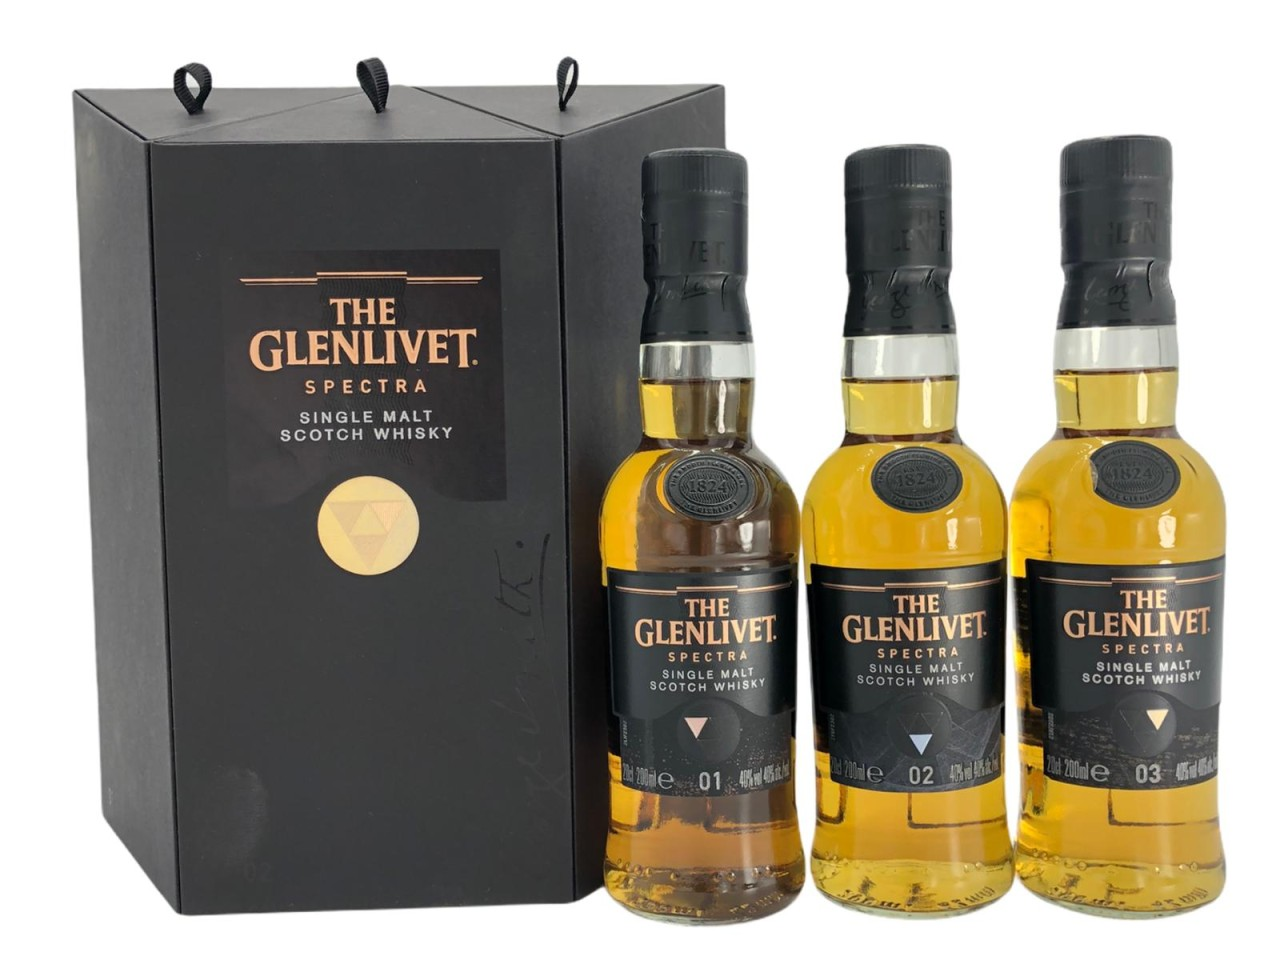 The Glenlivet Spectra Set Single Malt Scotch Whisky